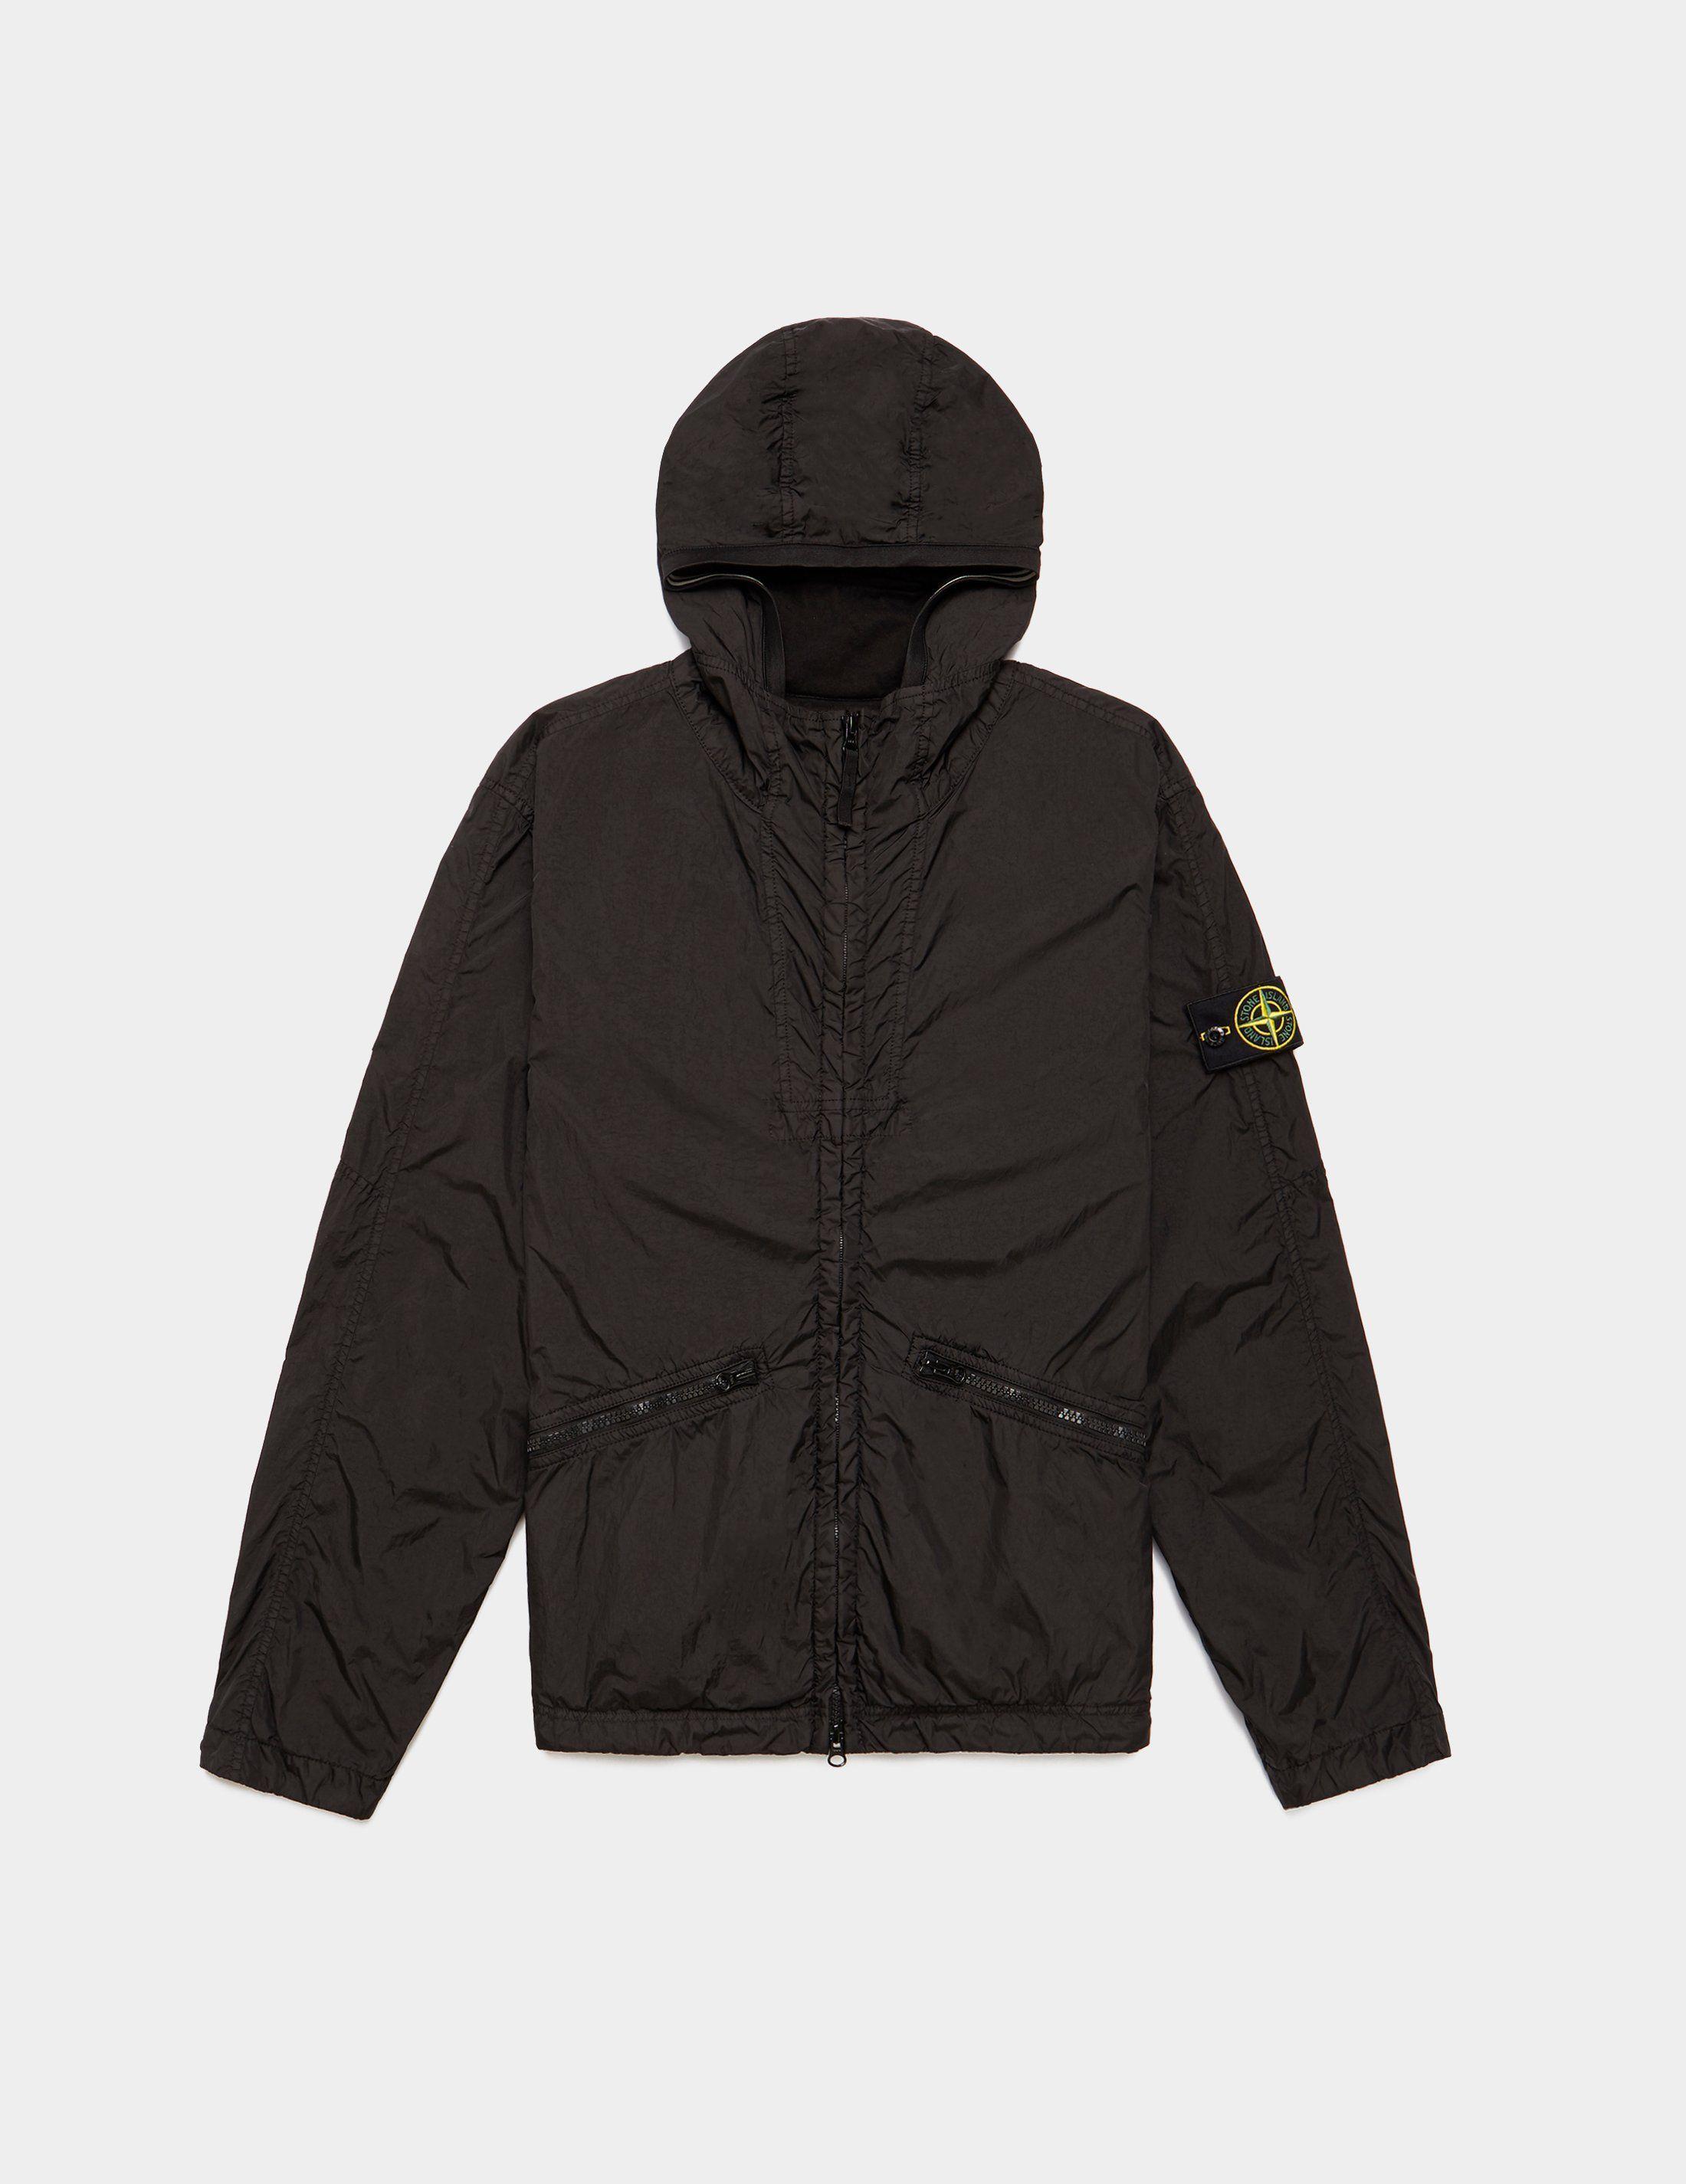 Stone Island Garment Dyed Crinkle Padded Jacket